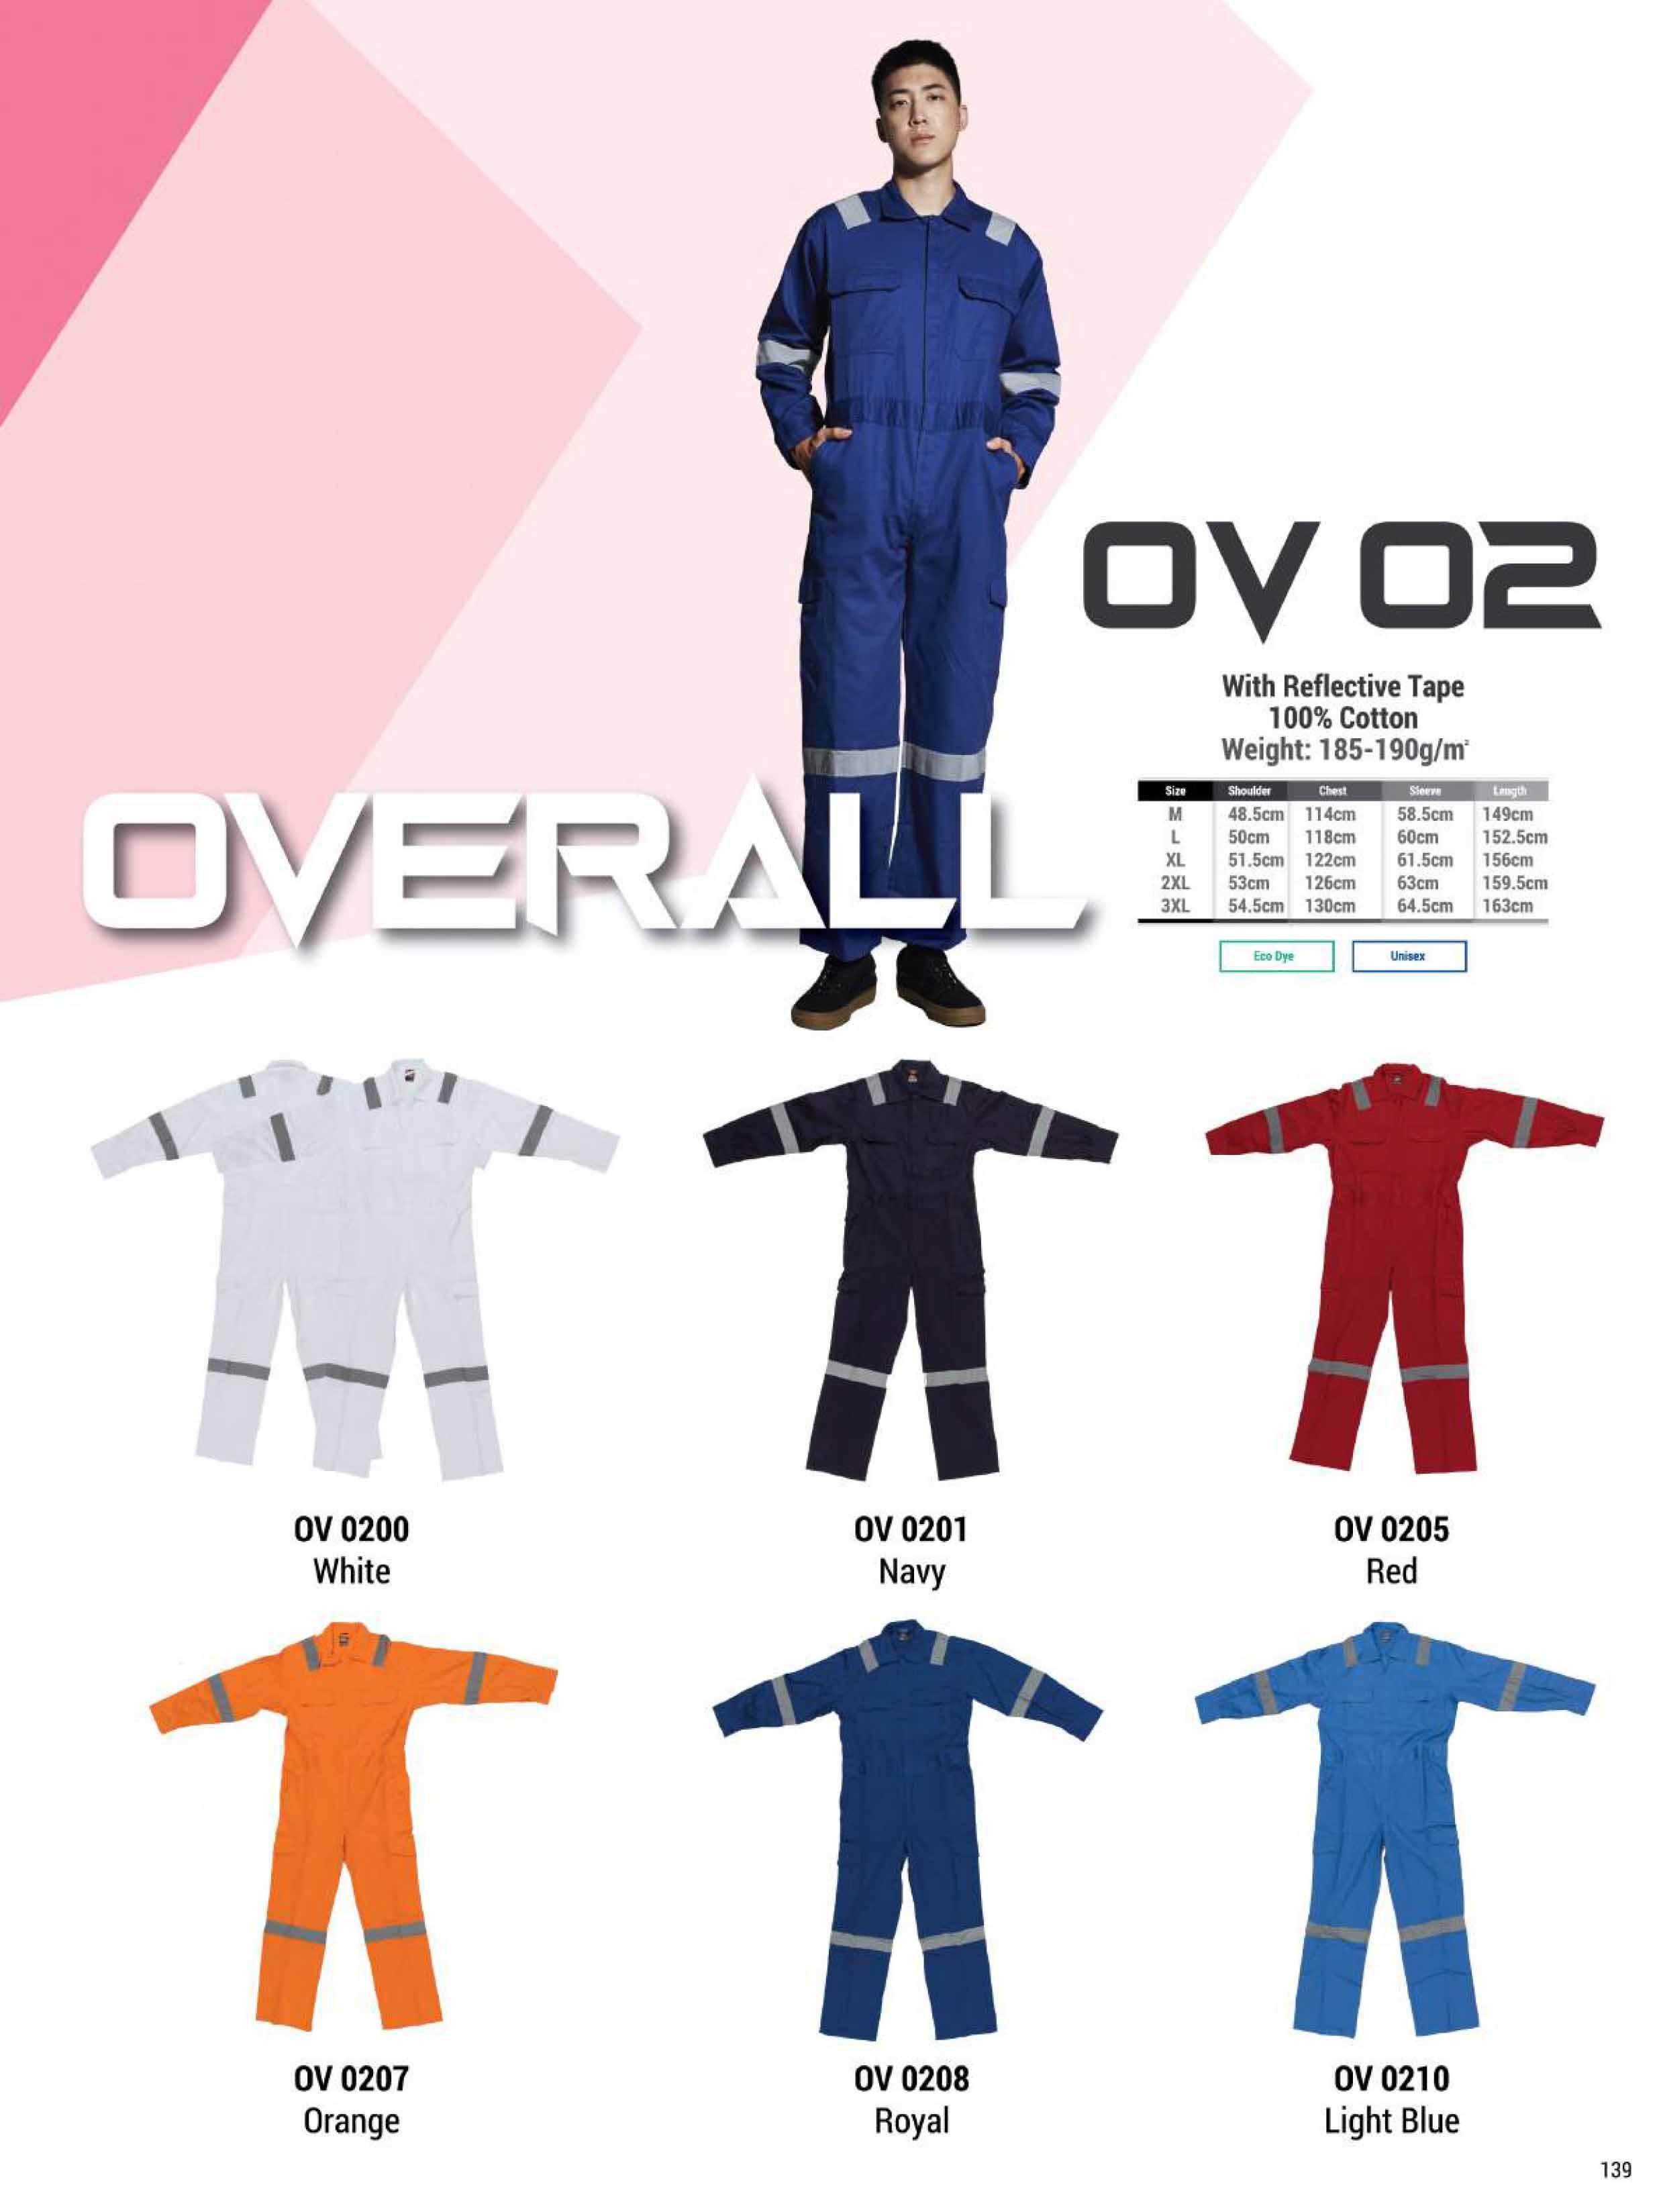 OV02 COVERALL